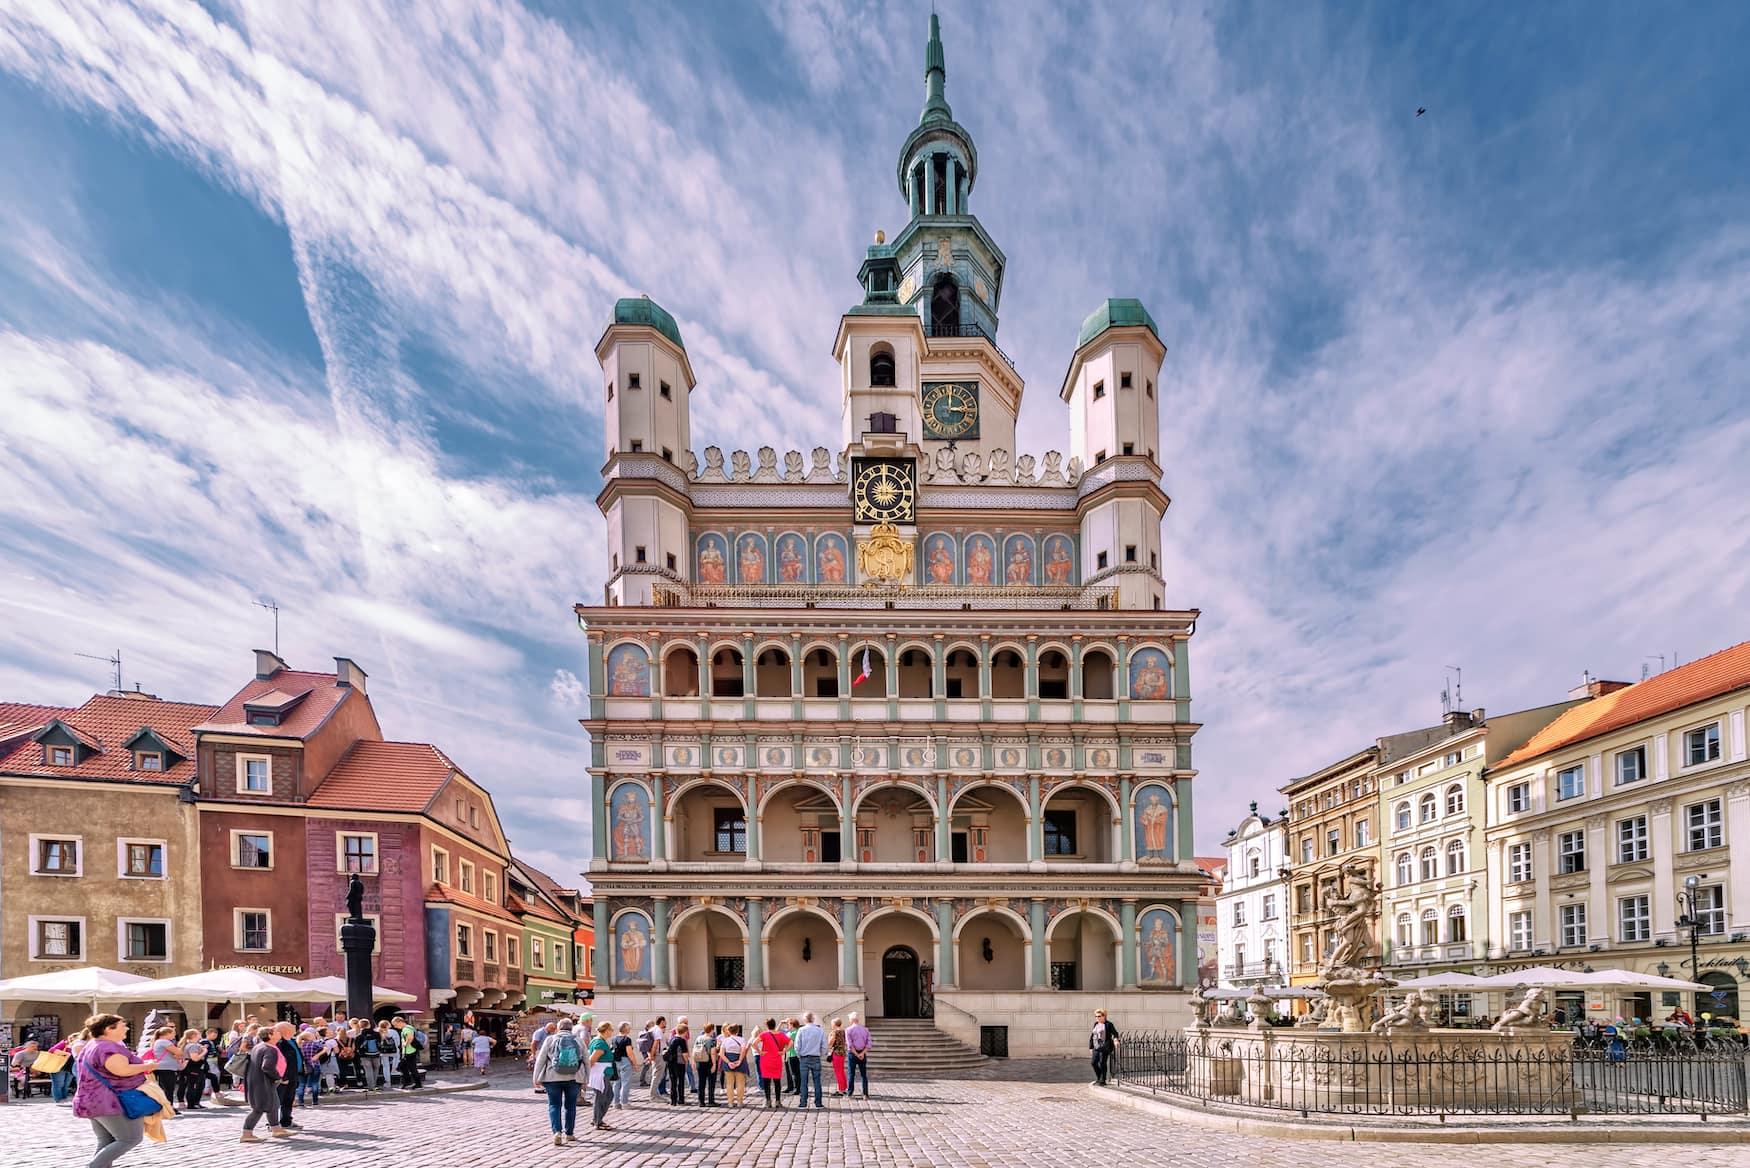 Glockenspiel vor dem Rathaus in Poznań in Polen